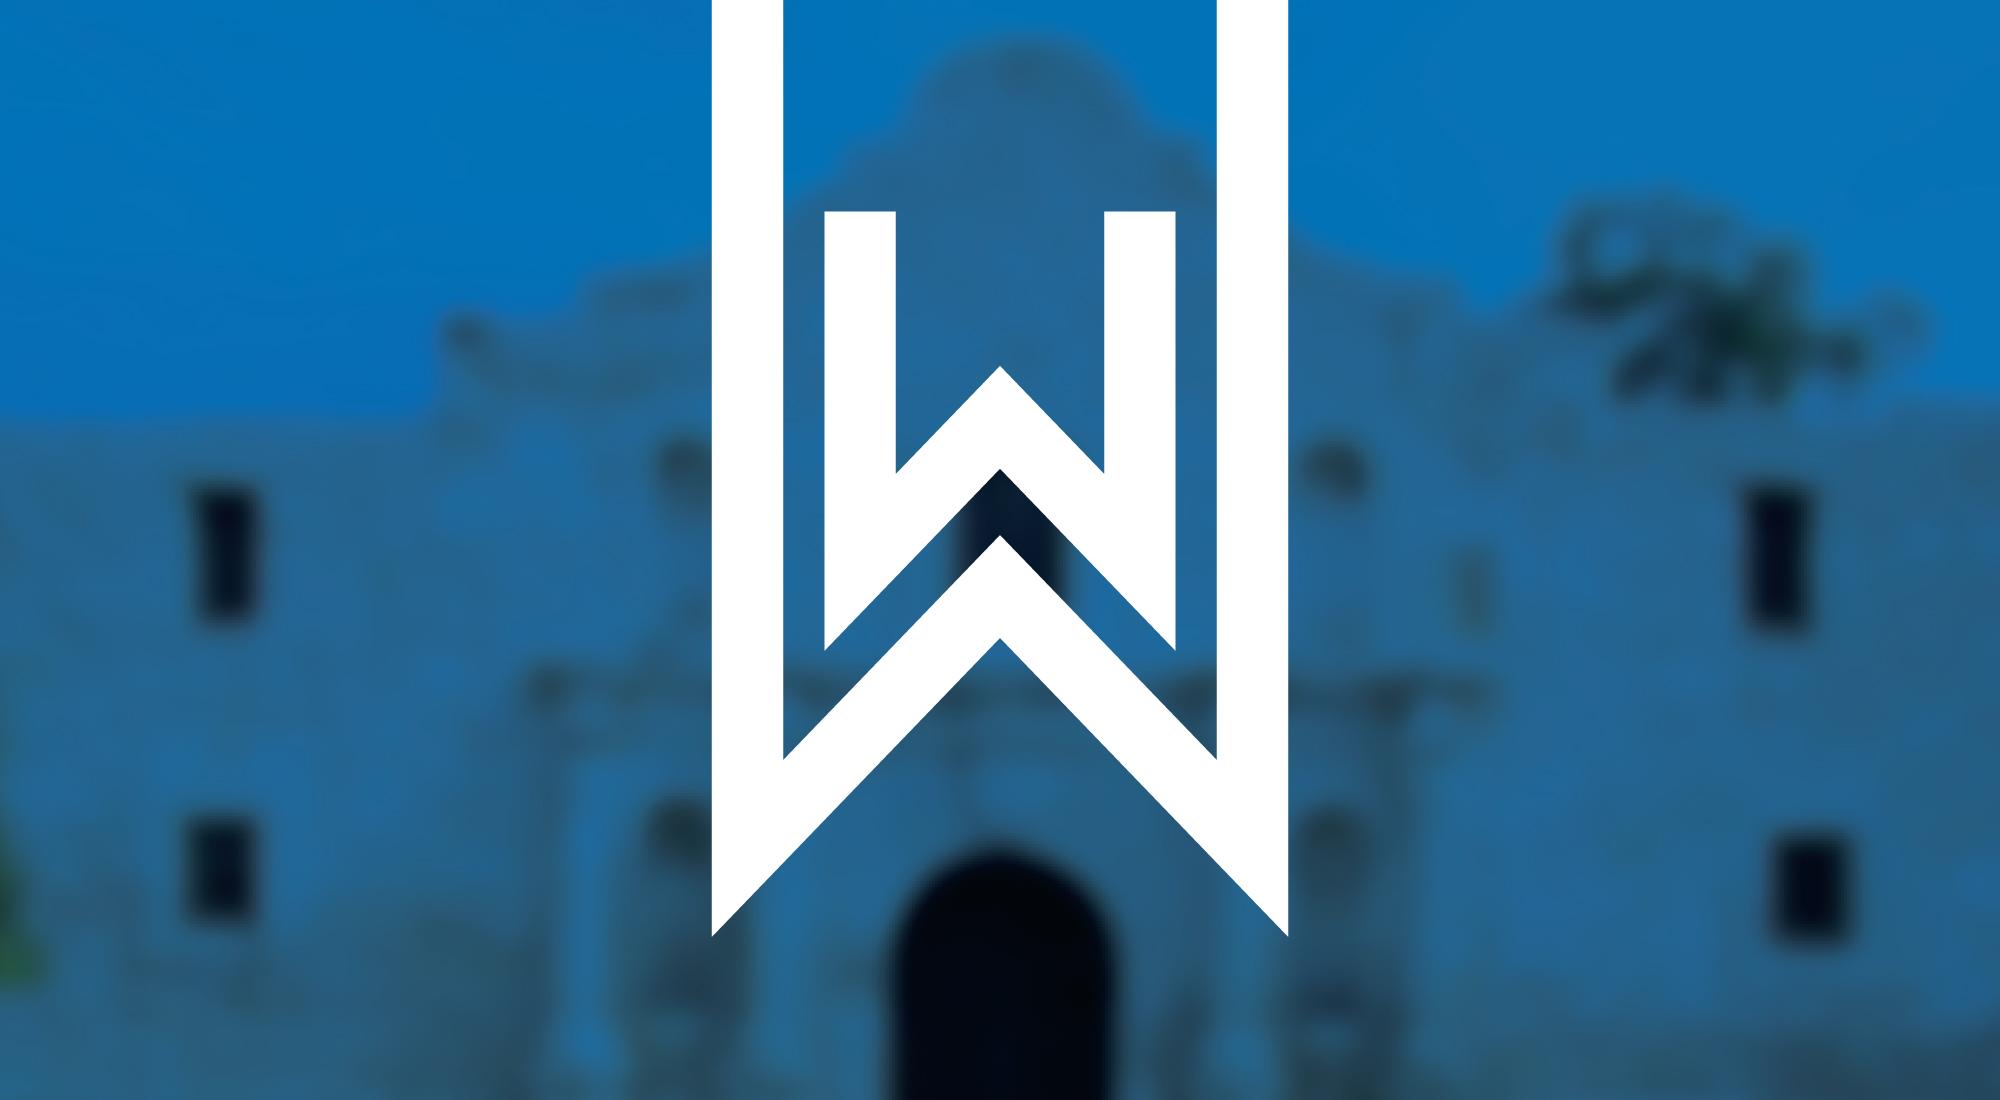 Who's who San Antonio logo design | San Antonio, Texas